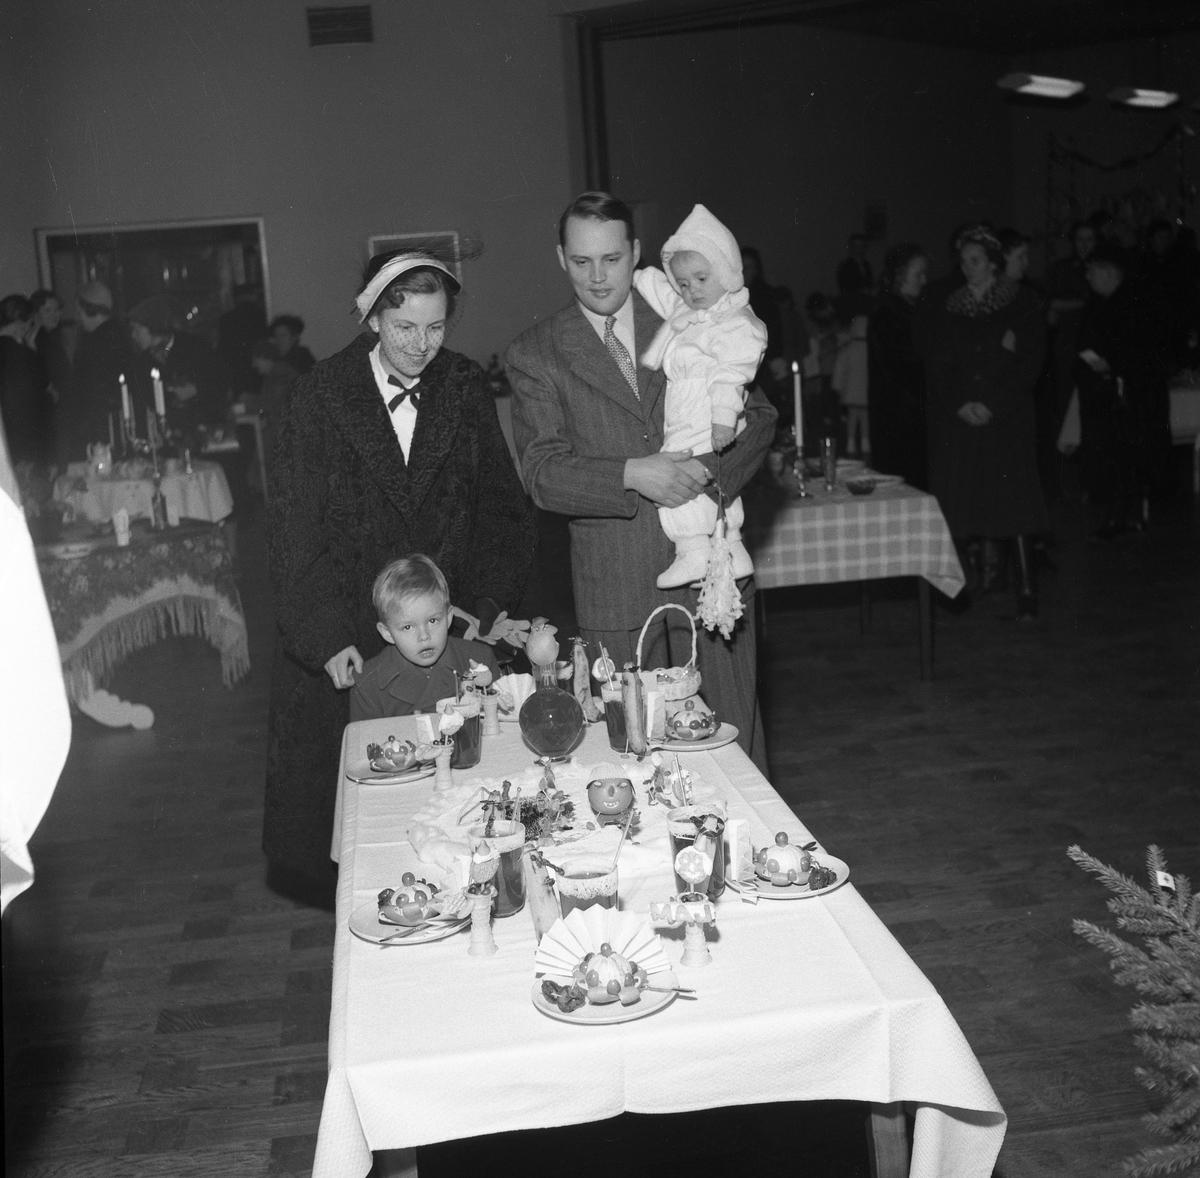 På Folkan/Medborgarhuset visas olika dukningar. En familj besöker utställningen och har stannat vid ett bord med dessert. Frukter som banan och apelsin ingår i efterrätten. Kanske är det glass på faten. Kvinnan bär päls och hatt med flor. Mannen har kostym. Han bär minstingen på armen. Storebror står vid mamma. Andra utställningsbesökare ses i bakgrunden.